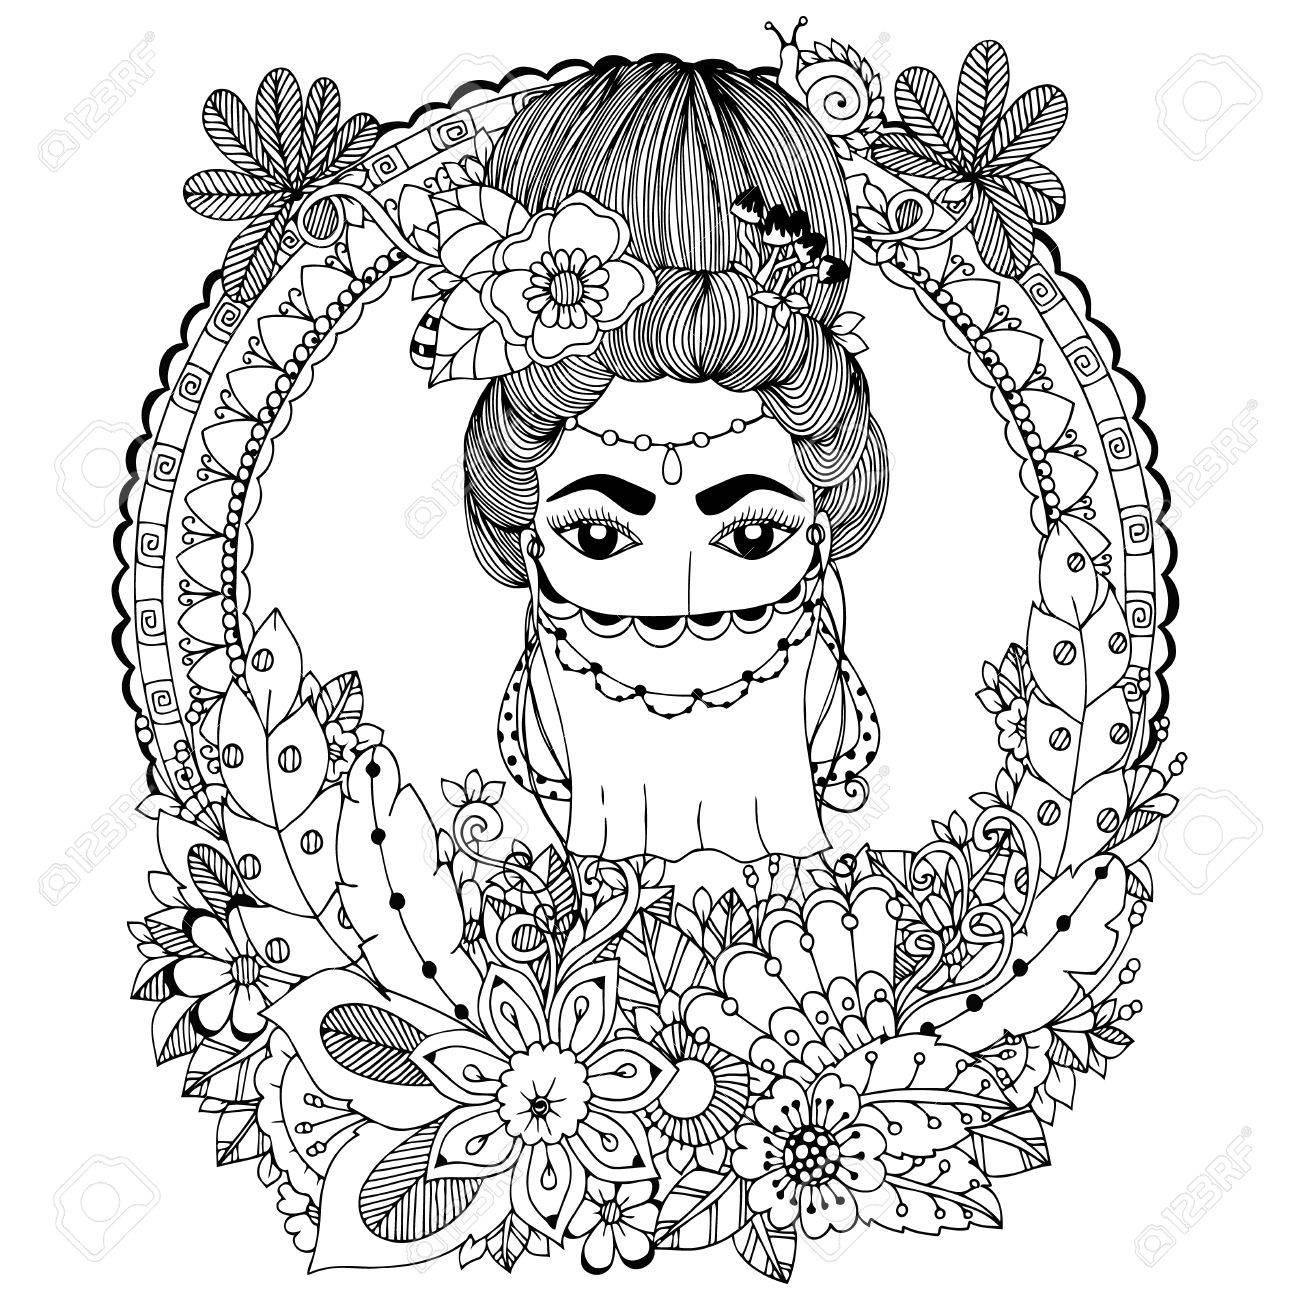 Vektor-Illustration. Doodle Orientalische Frau In Floralen Rahmen Zu ...